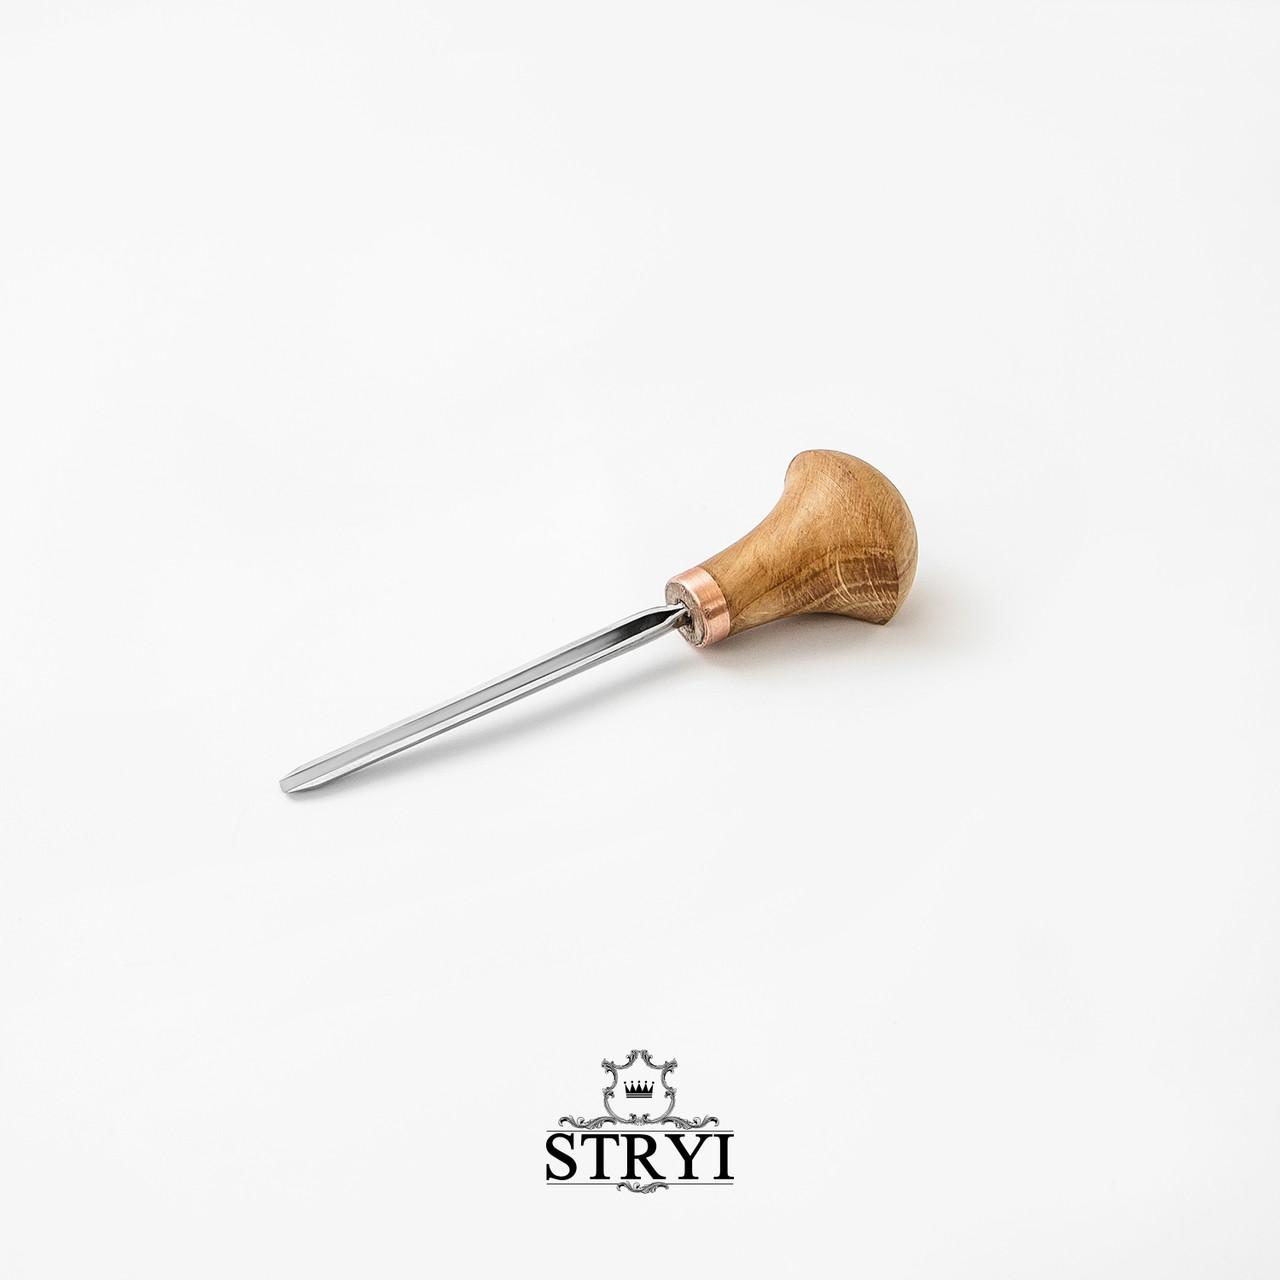 Штихель полукруглый 3 мм от производителя STRYI, профиль №9